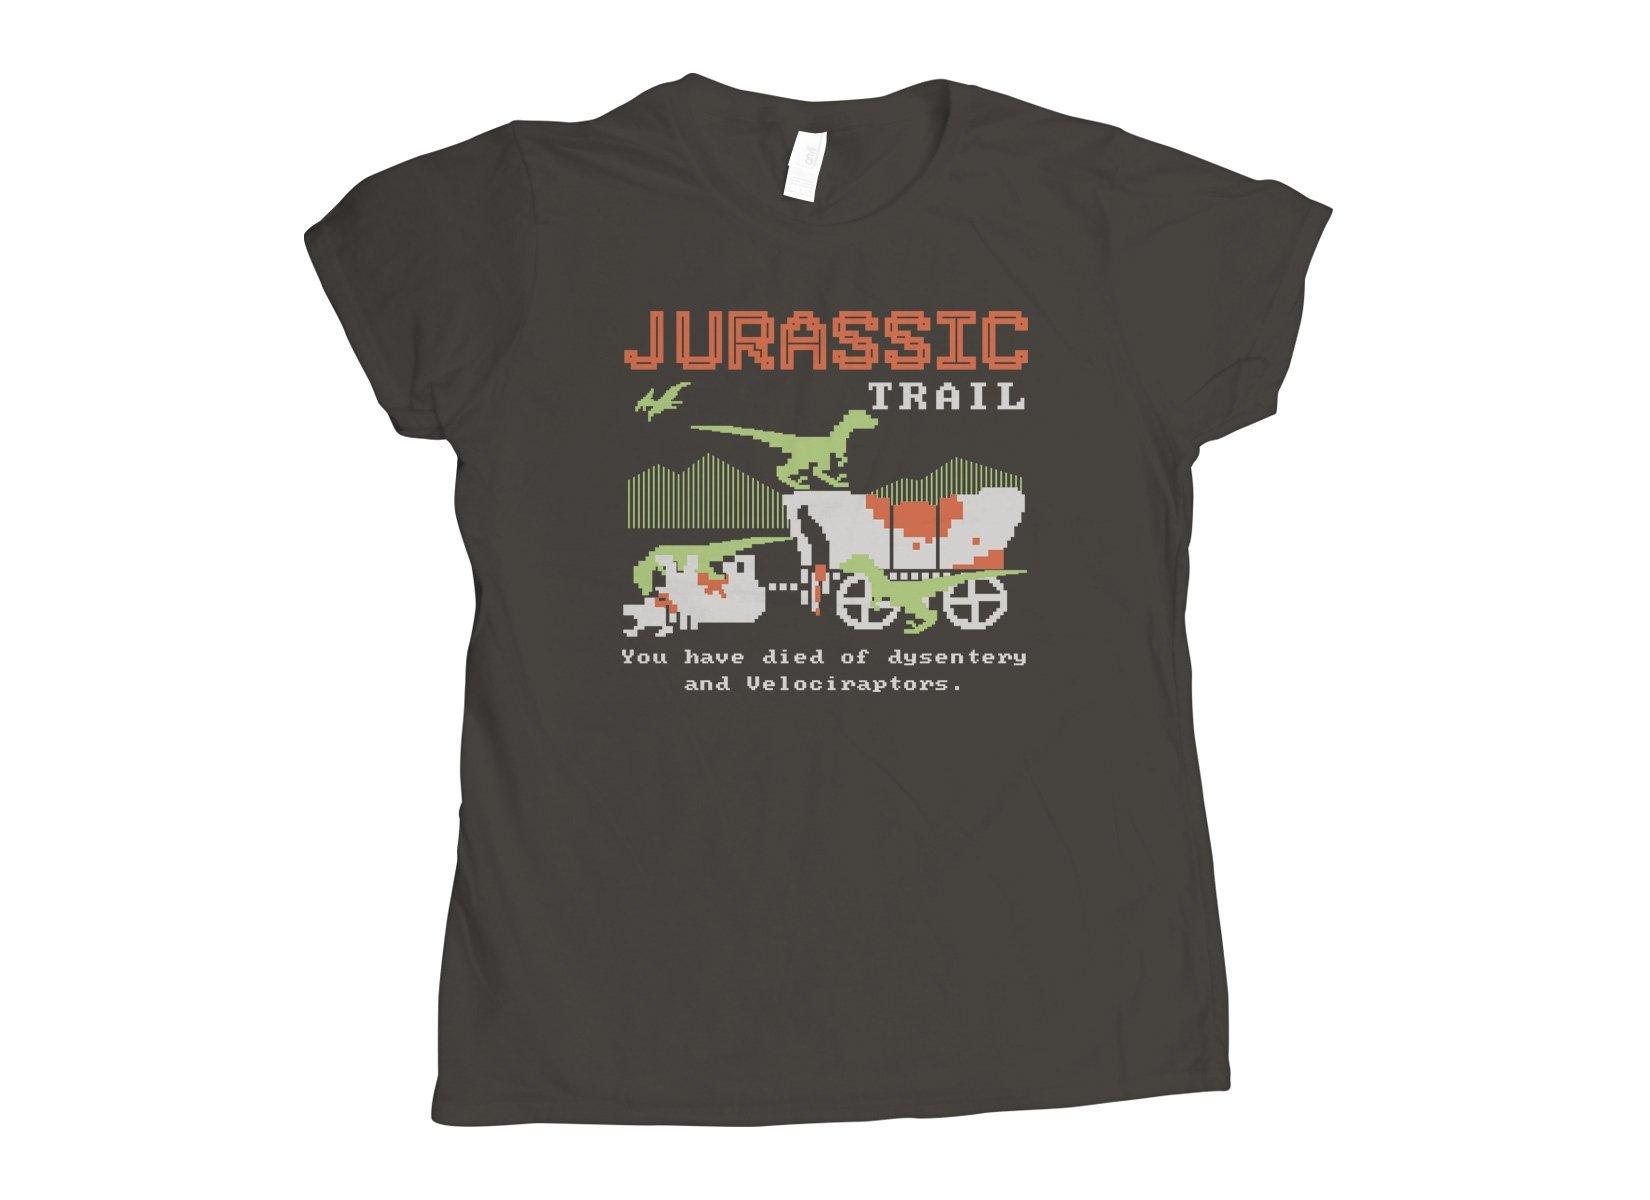 Jurassic Trail on Womens T-Shirt